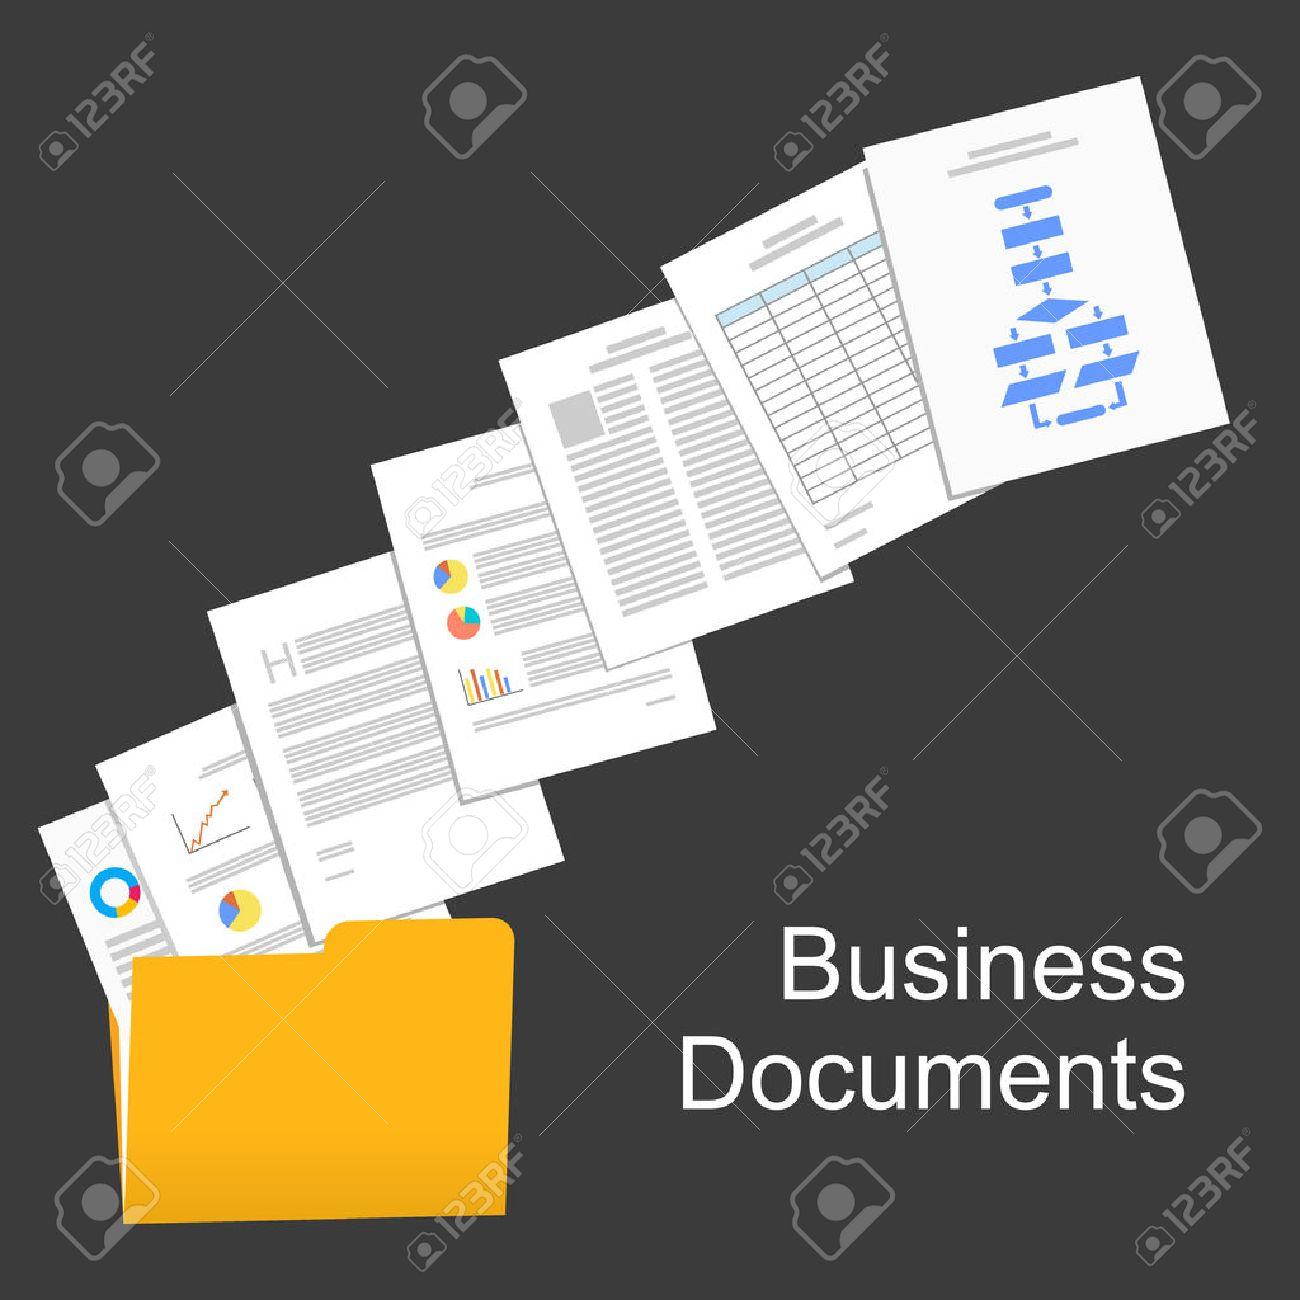 Design Plat Illustration Pour Les Documents Commerciaux Rapport D Activité Documents D Affaires Travail Gestion